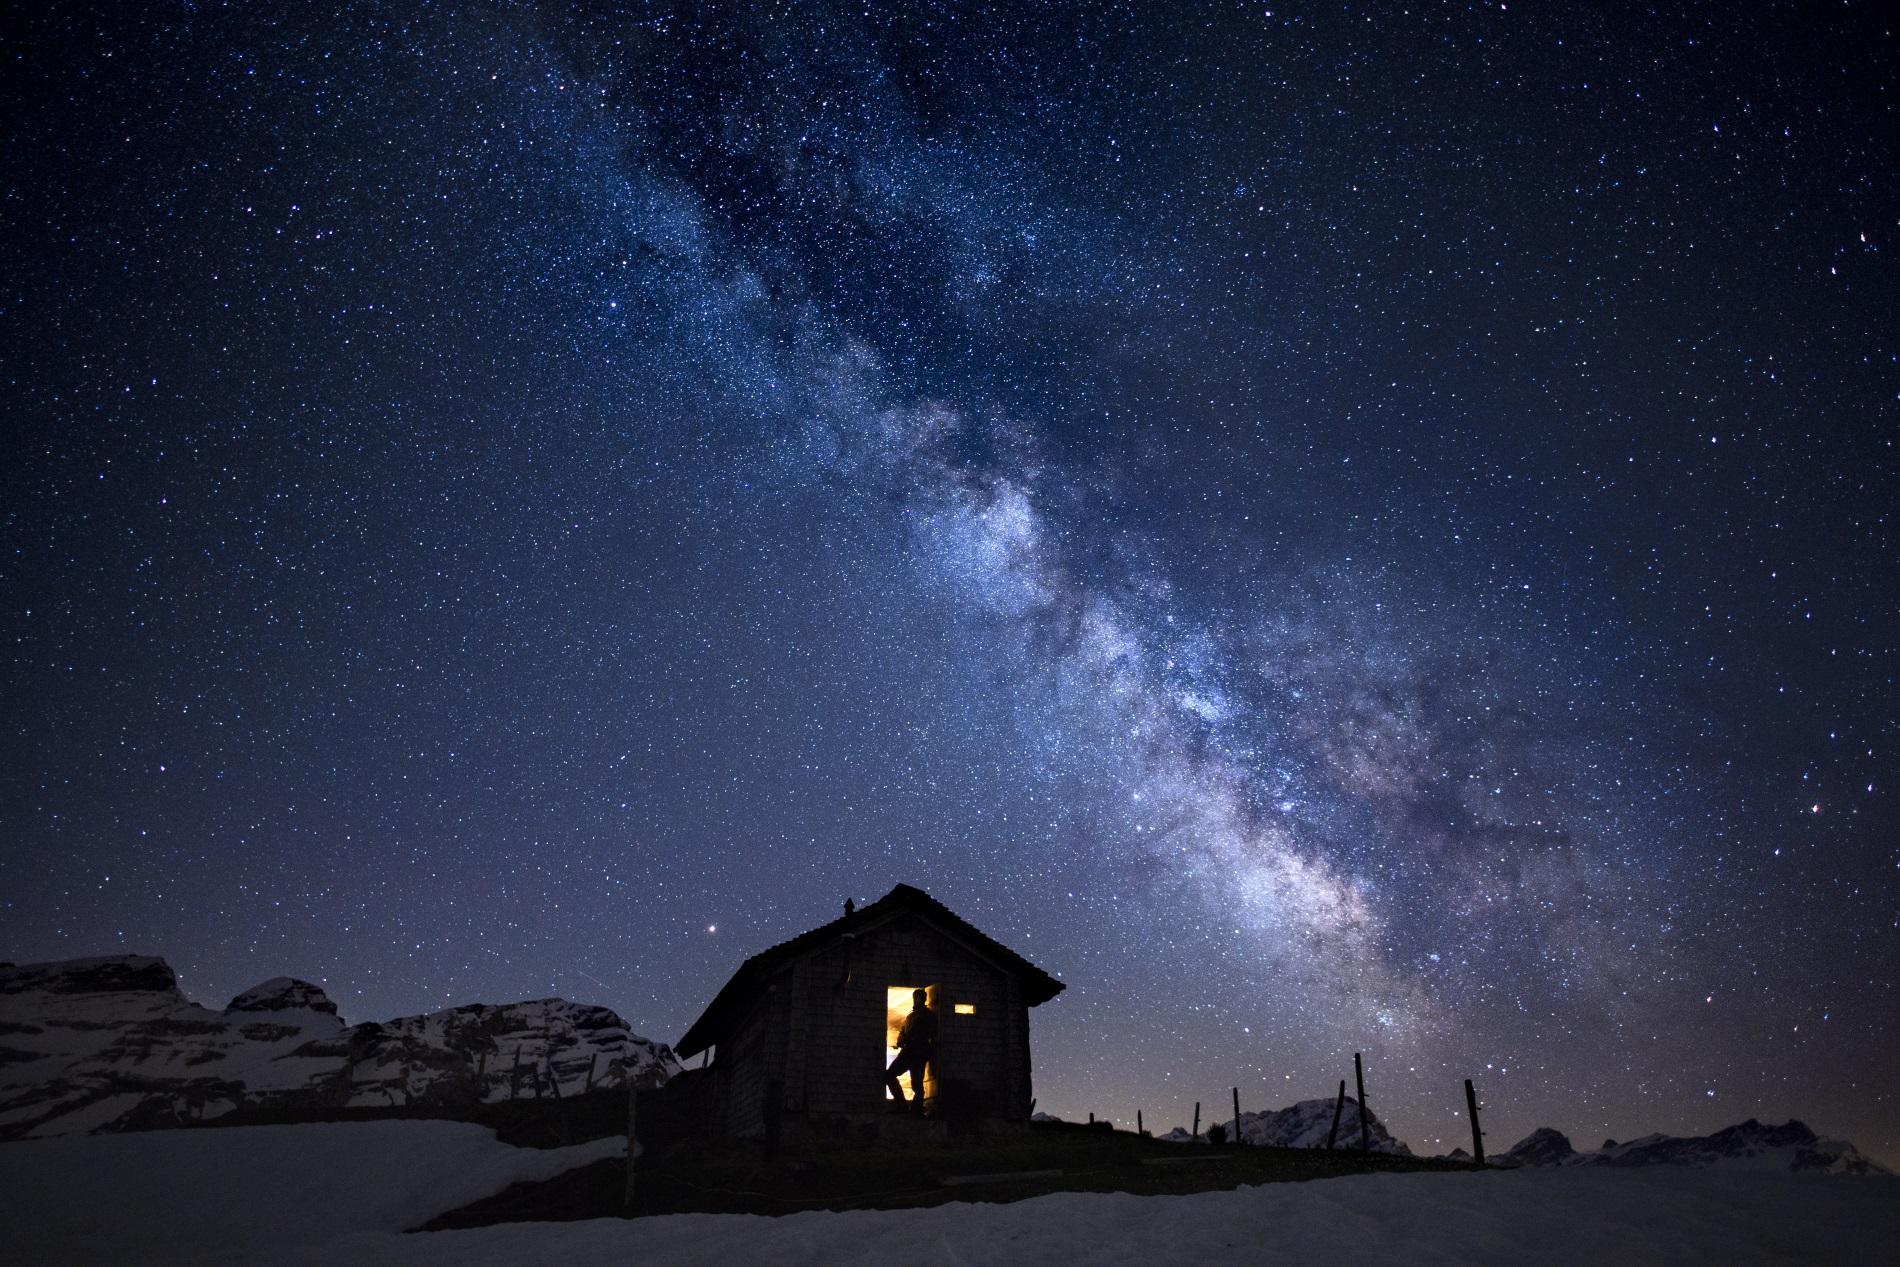 Красива гледка към Млечния път - галактиката, в която се намира нашата Слънчева система, от долината Ормонт, Швейцария, рано сутрин 18 май 2018